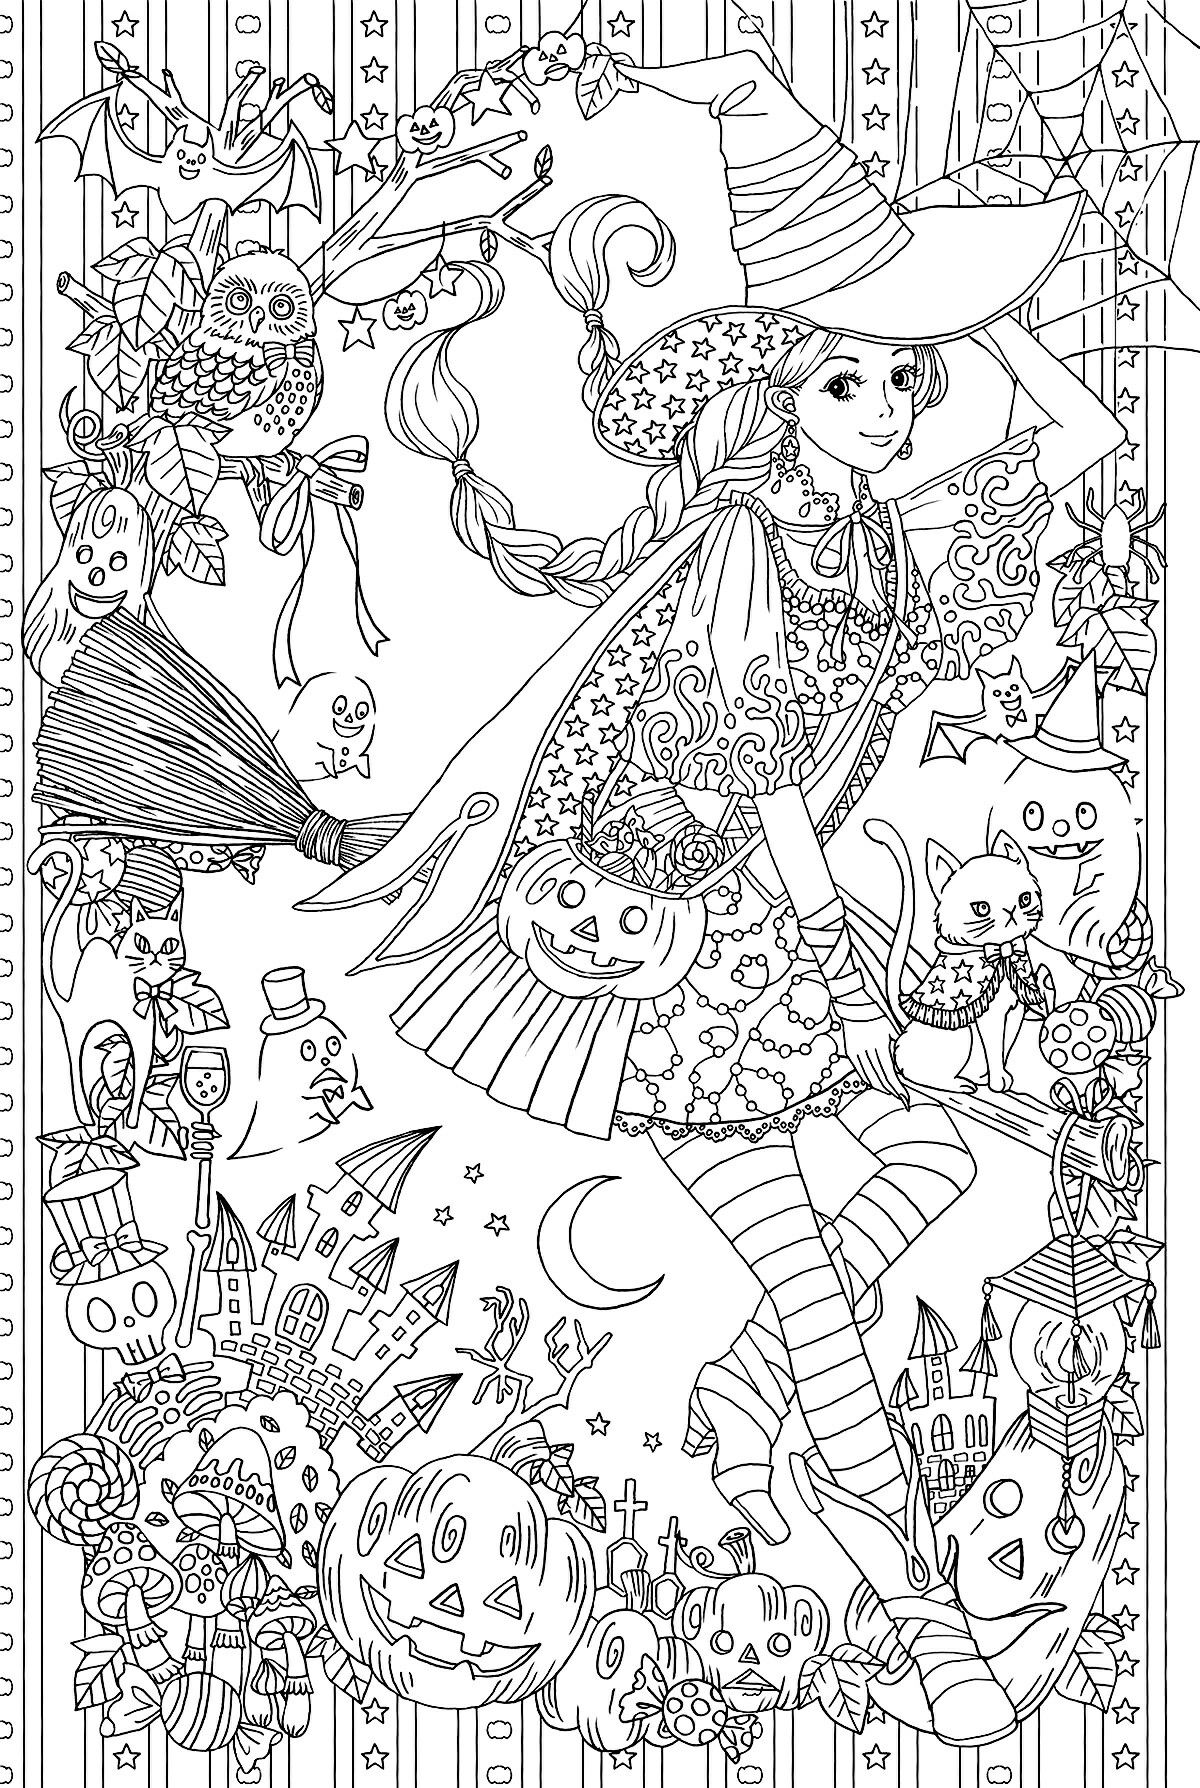 Pin von Annette Monk auf coloring in 2018 | Pinterest